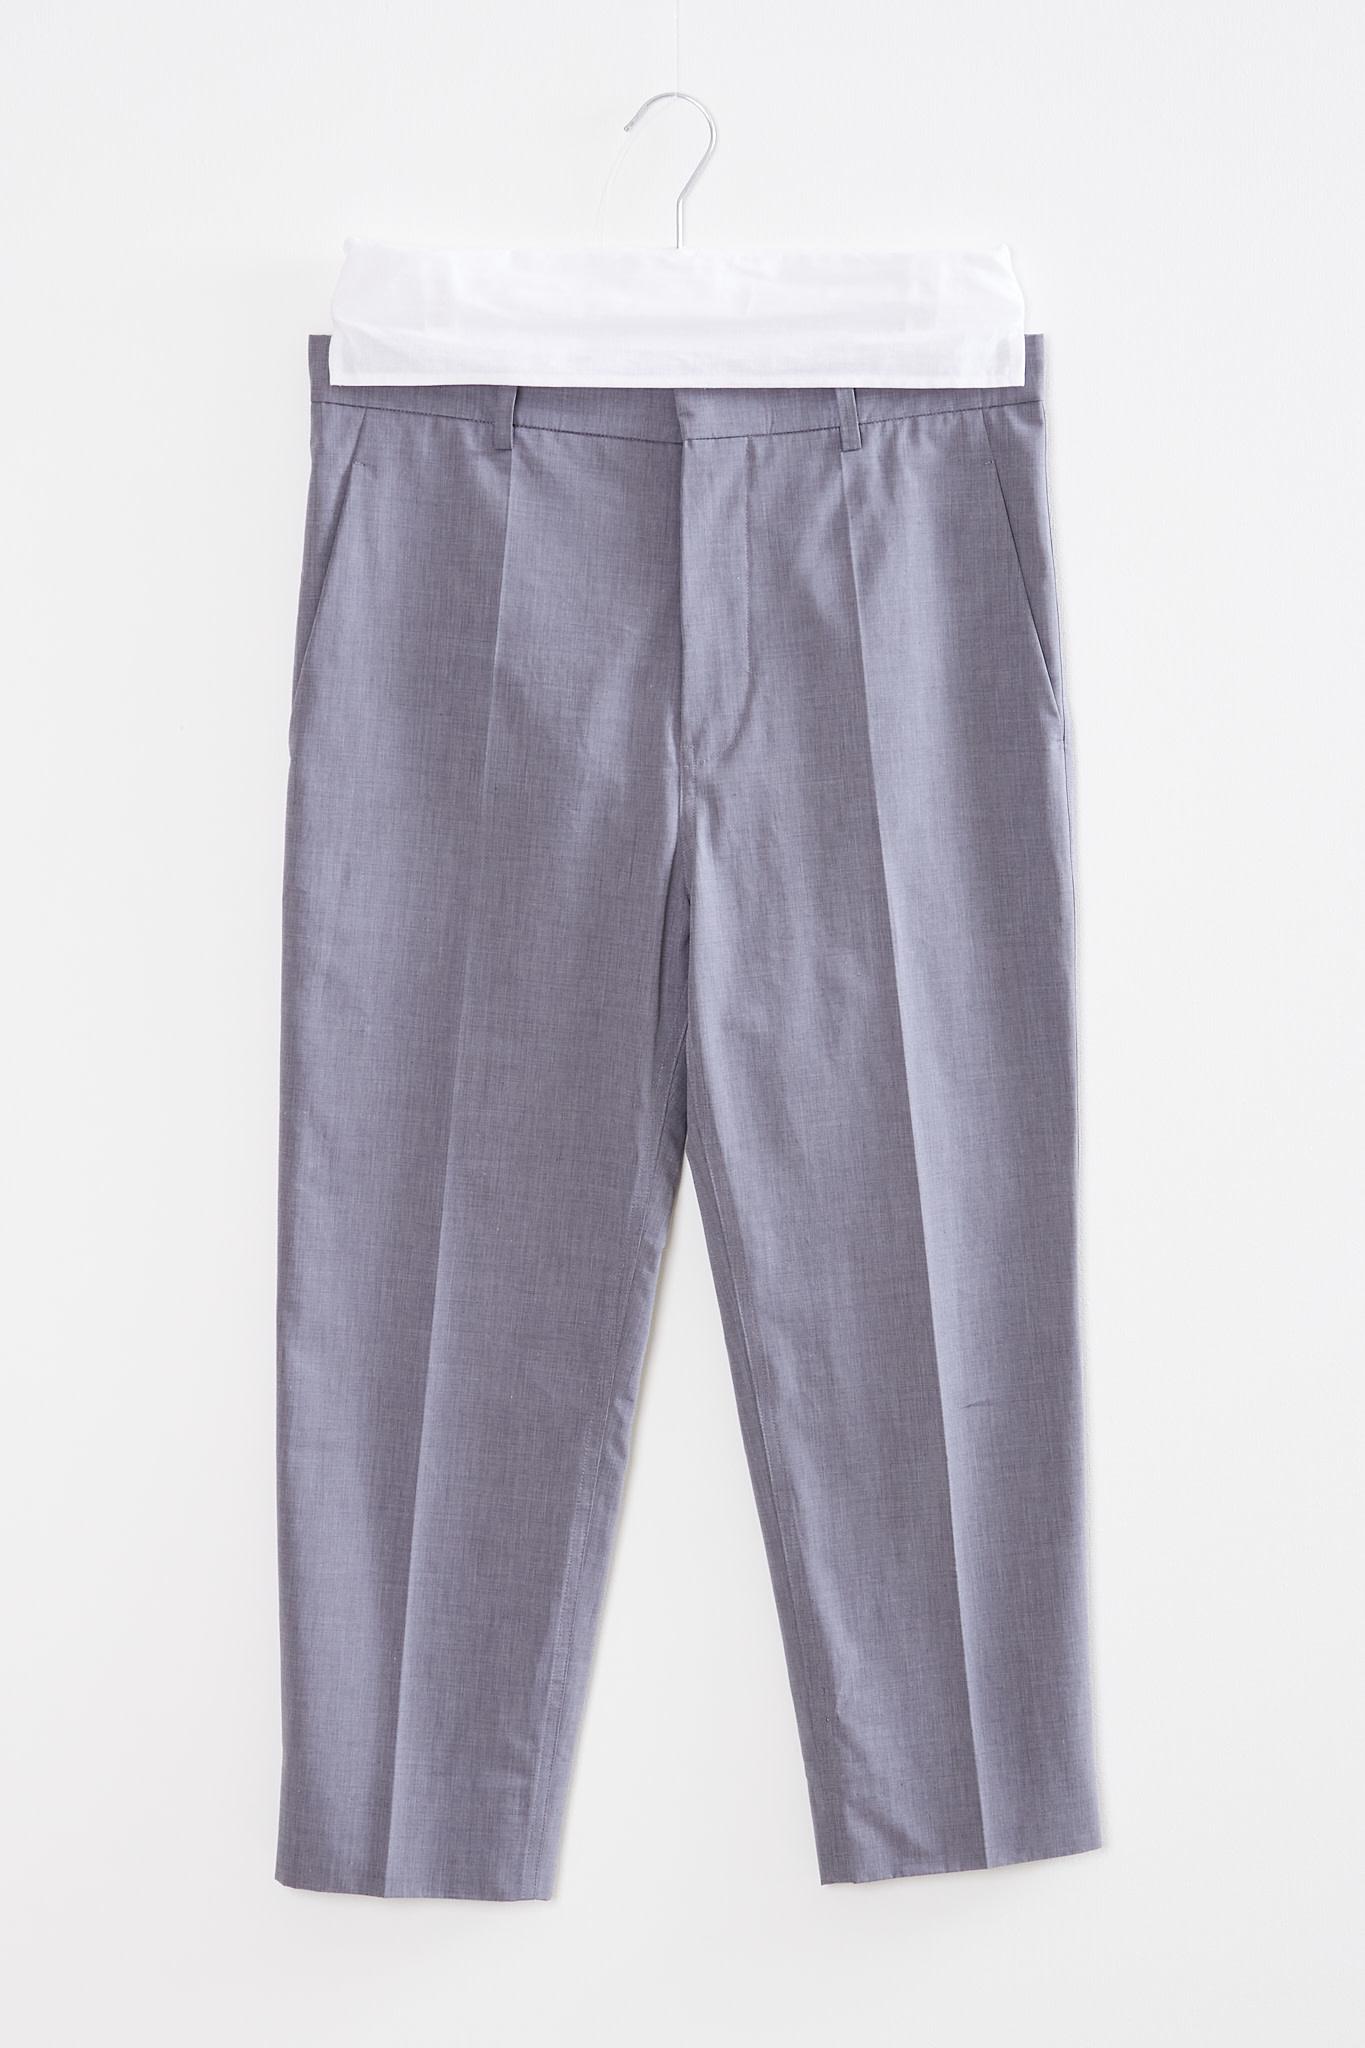 Sofie d'Hoore - Piccolo double twisted cotton pants